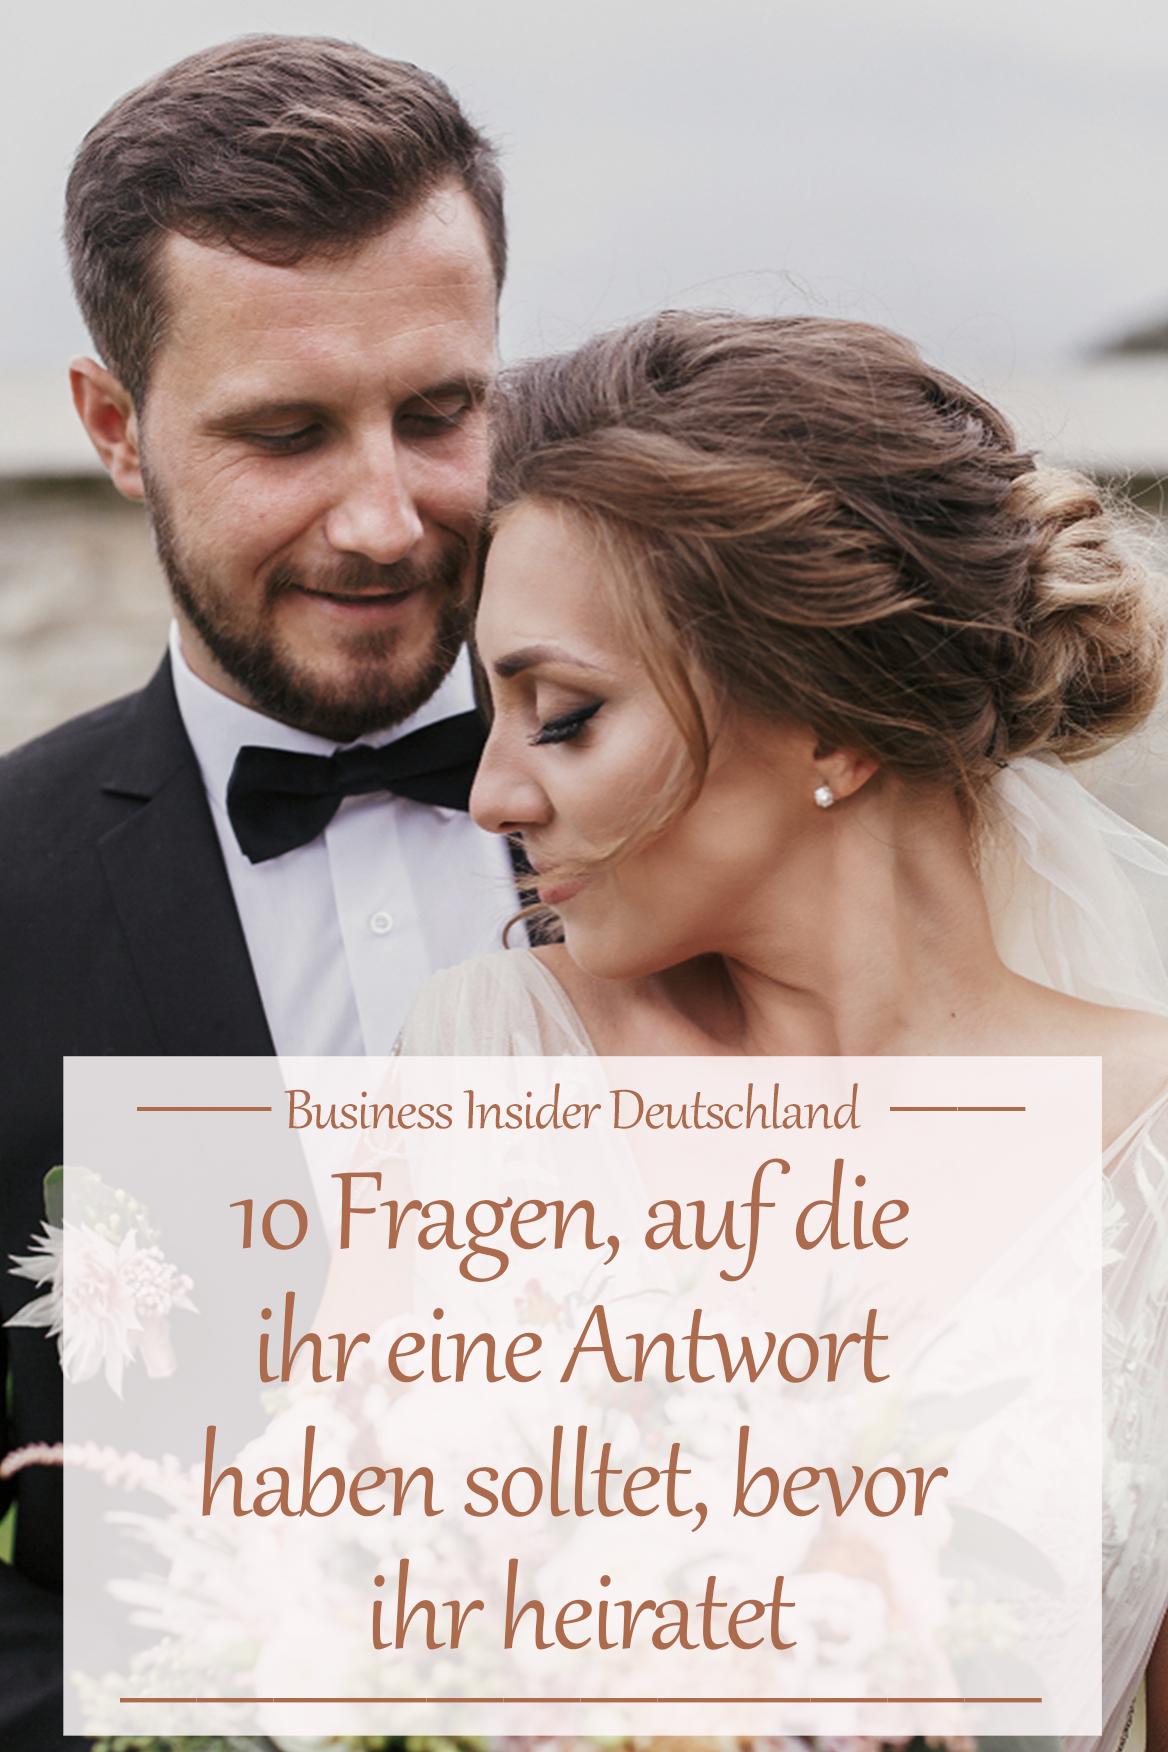 10 Fragen Auf Die Ihr Eine Antwort Haben Solltet Bevor Ihr Heiratet Heiraten Fotograf Hochzeit Flirten Tipps